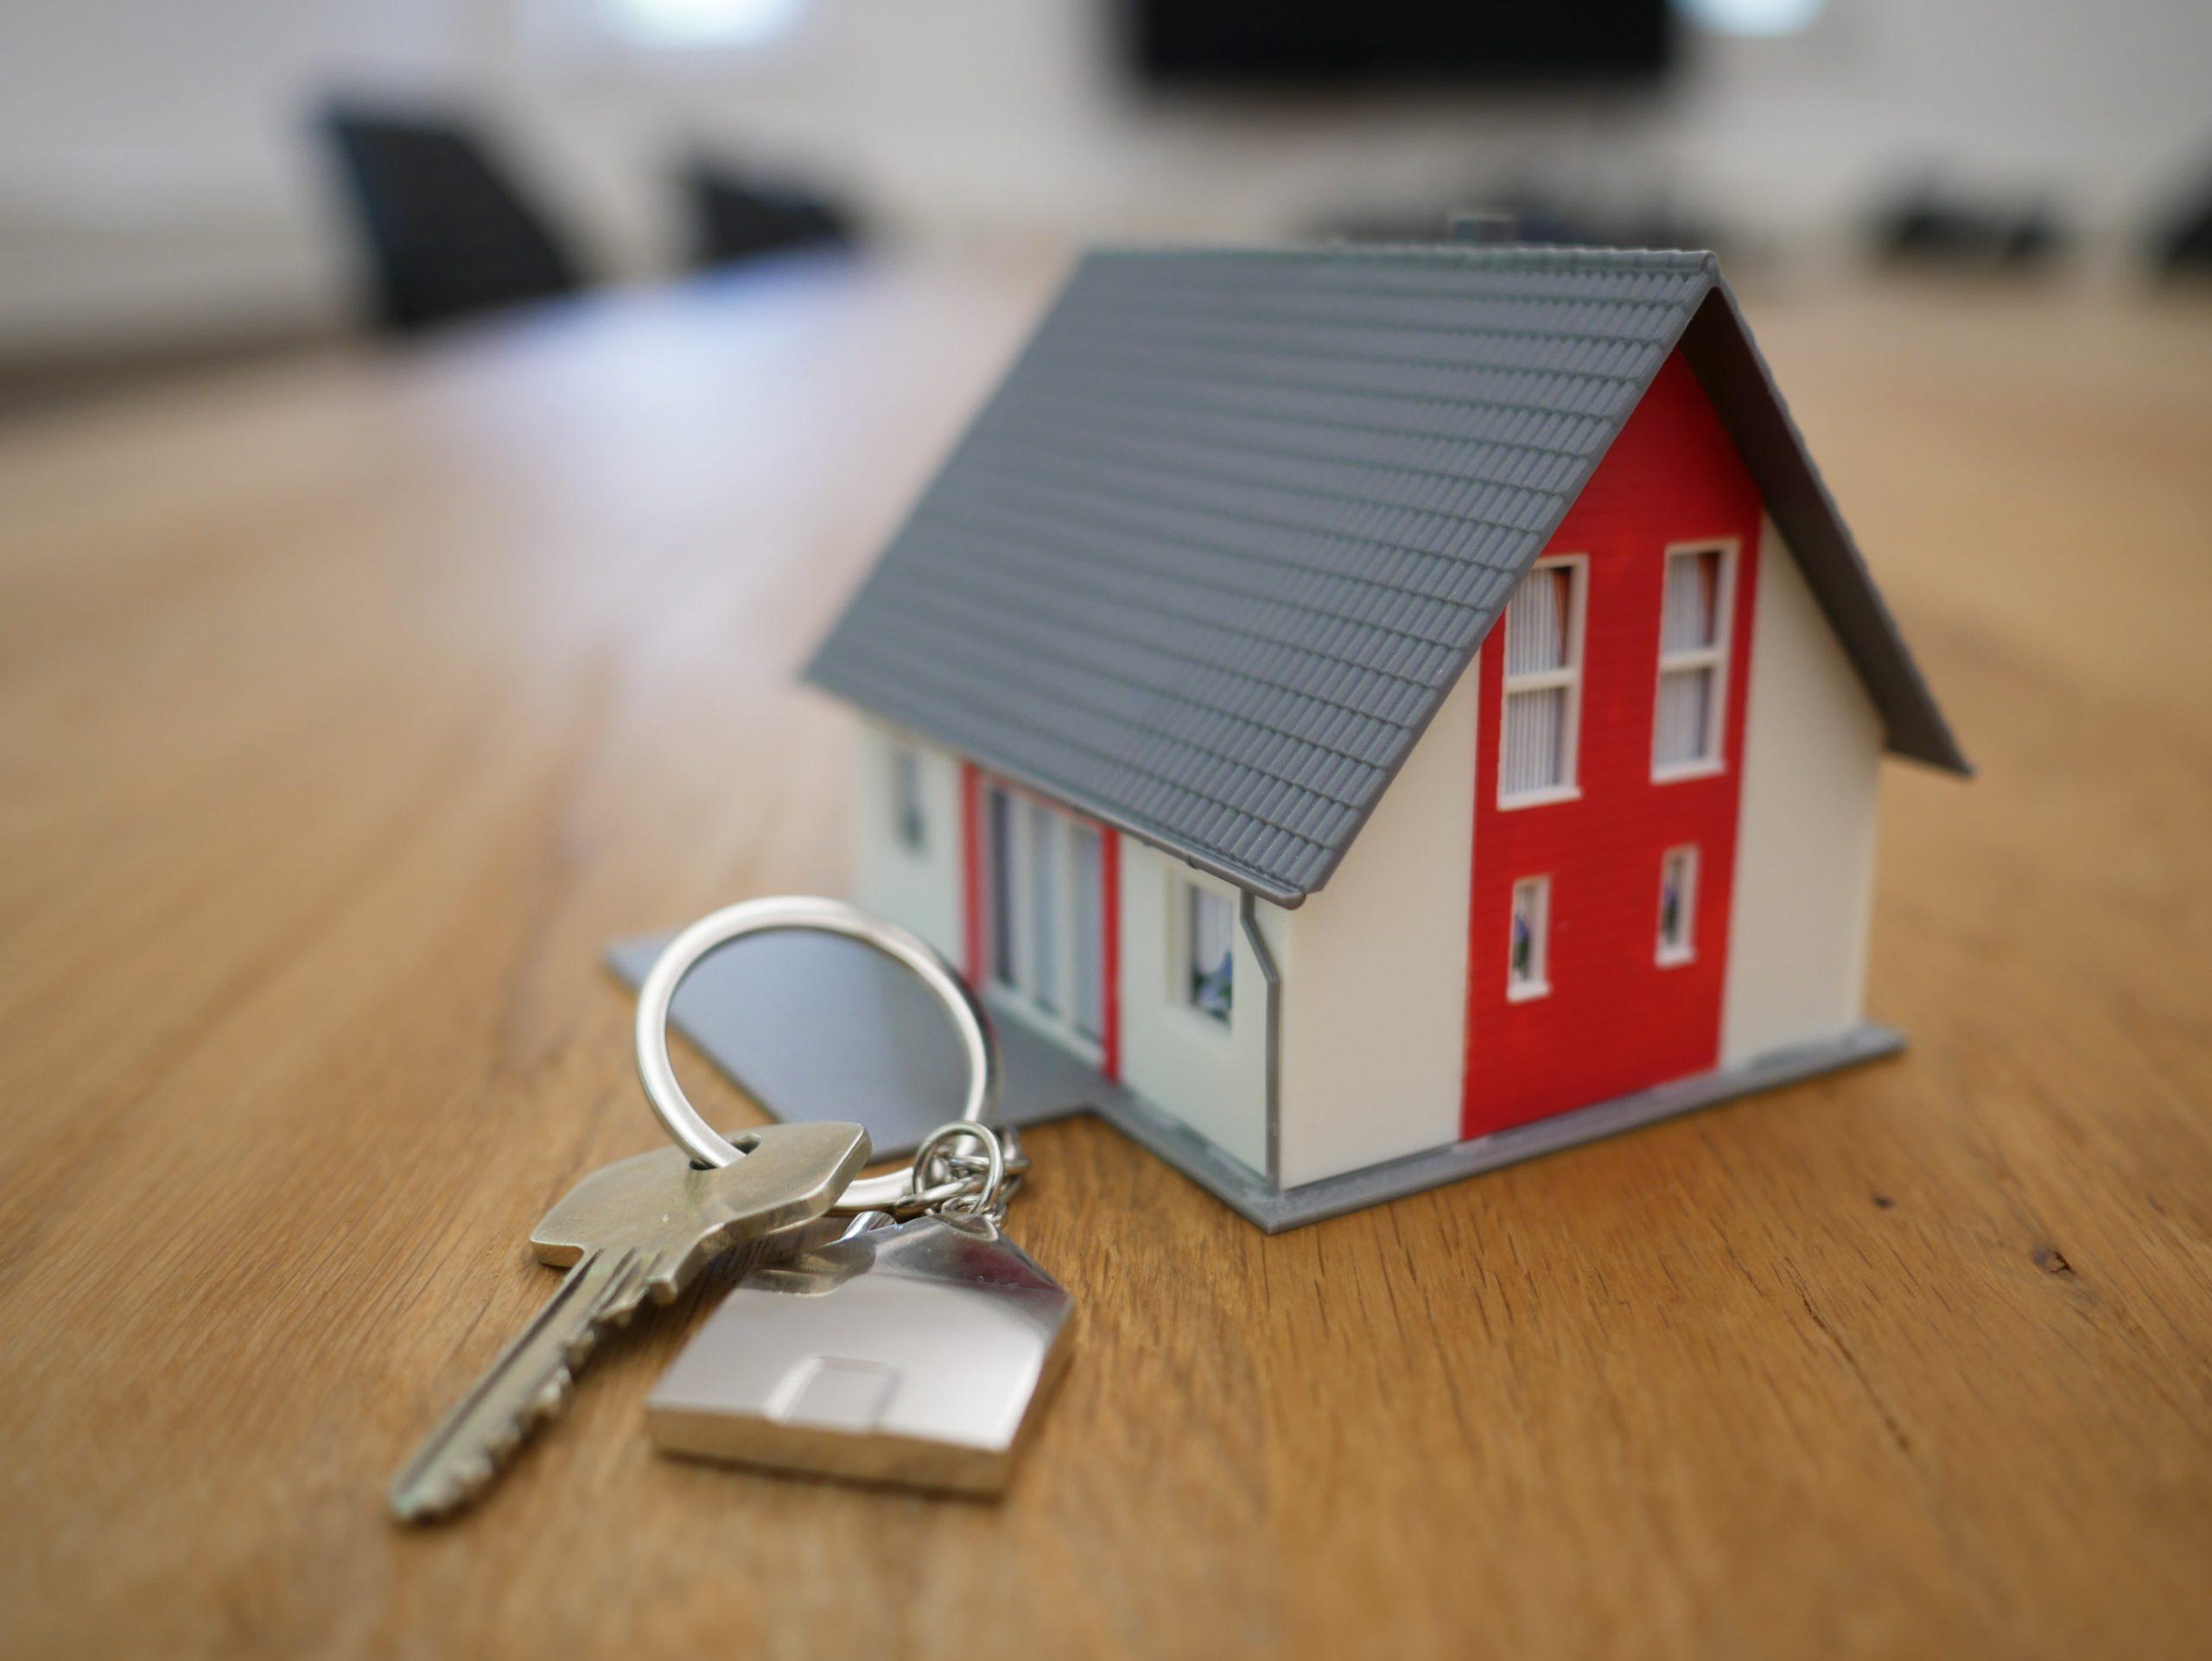 Beli rumah untuk milenial